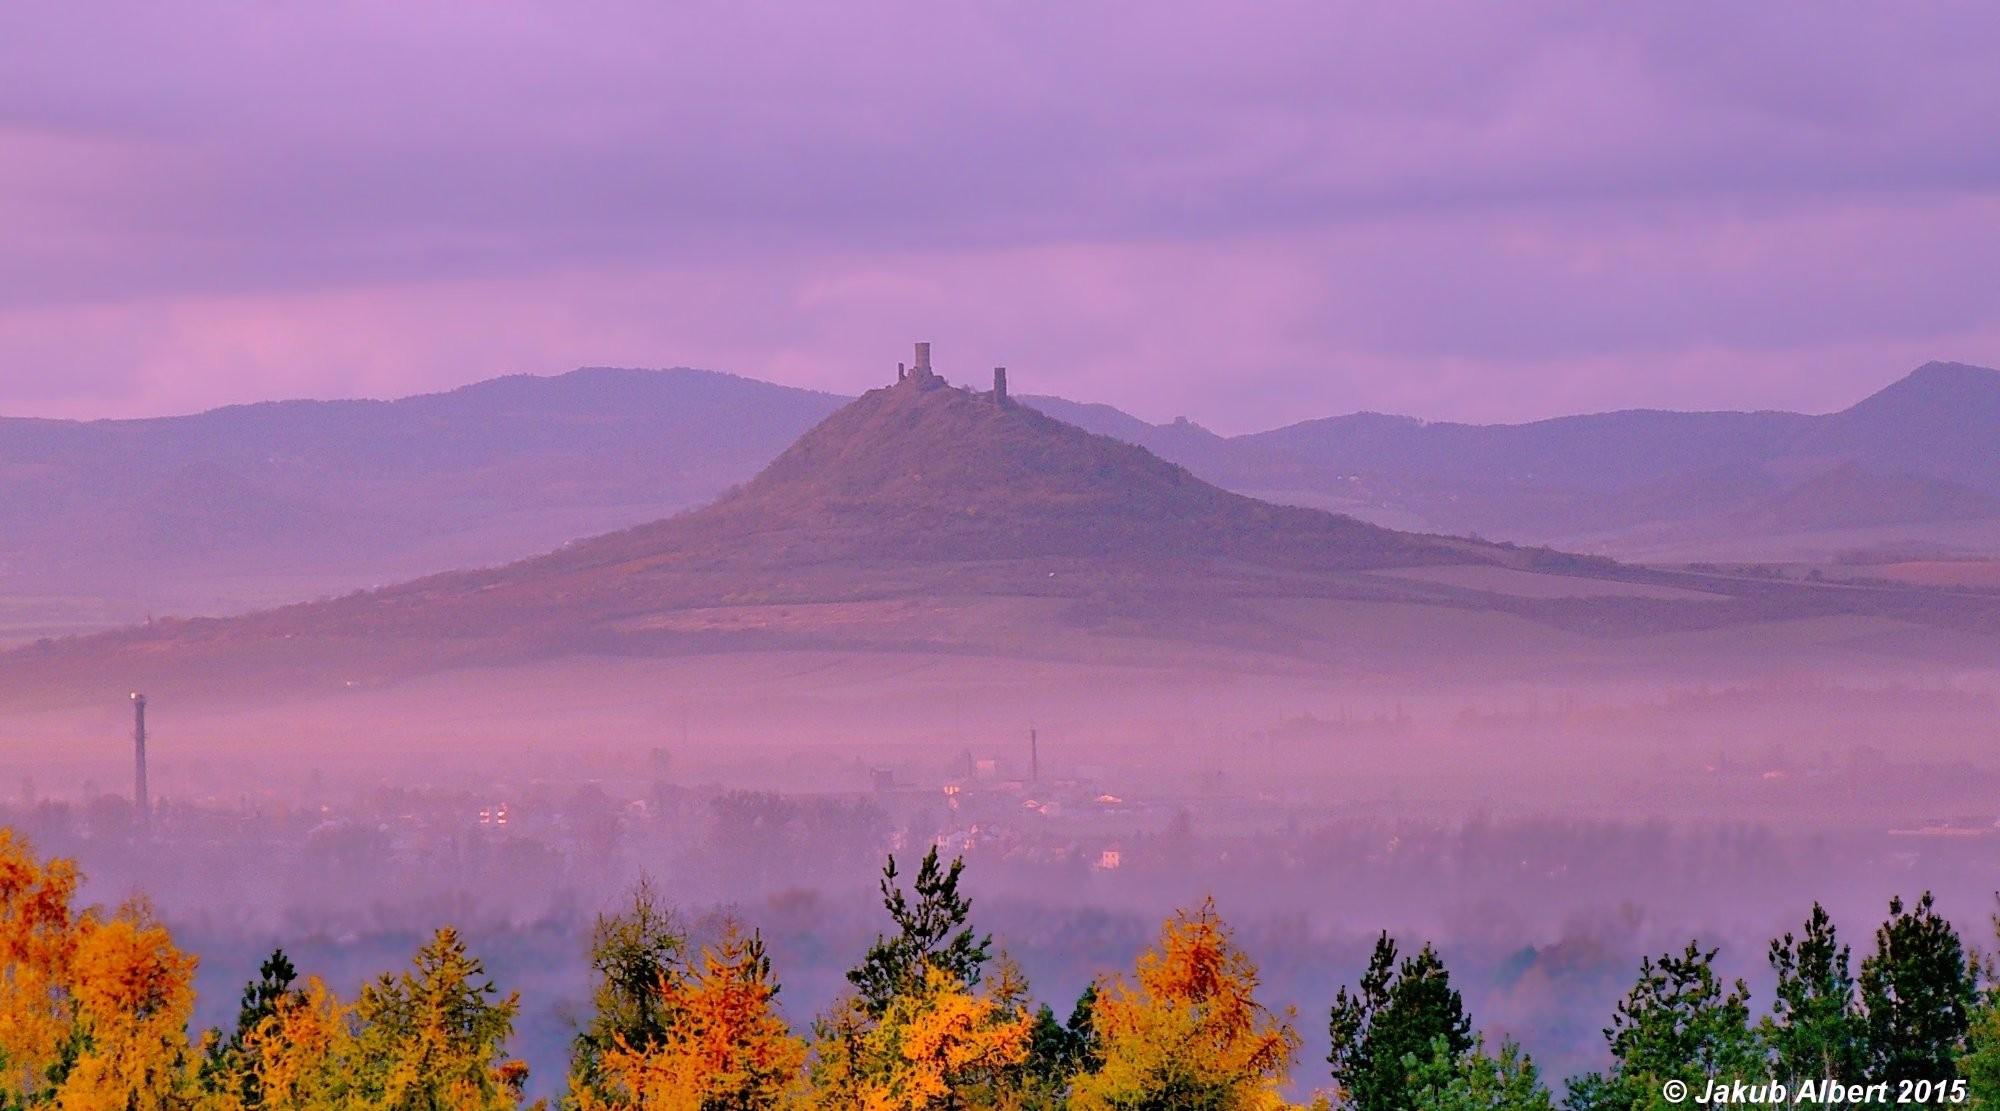 Podzimní mlhy pod Házmburkem